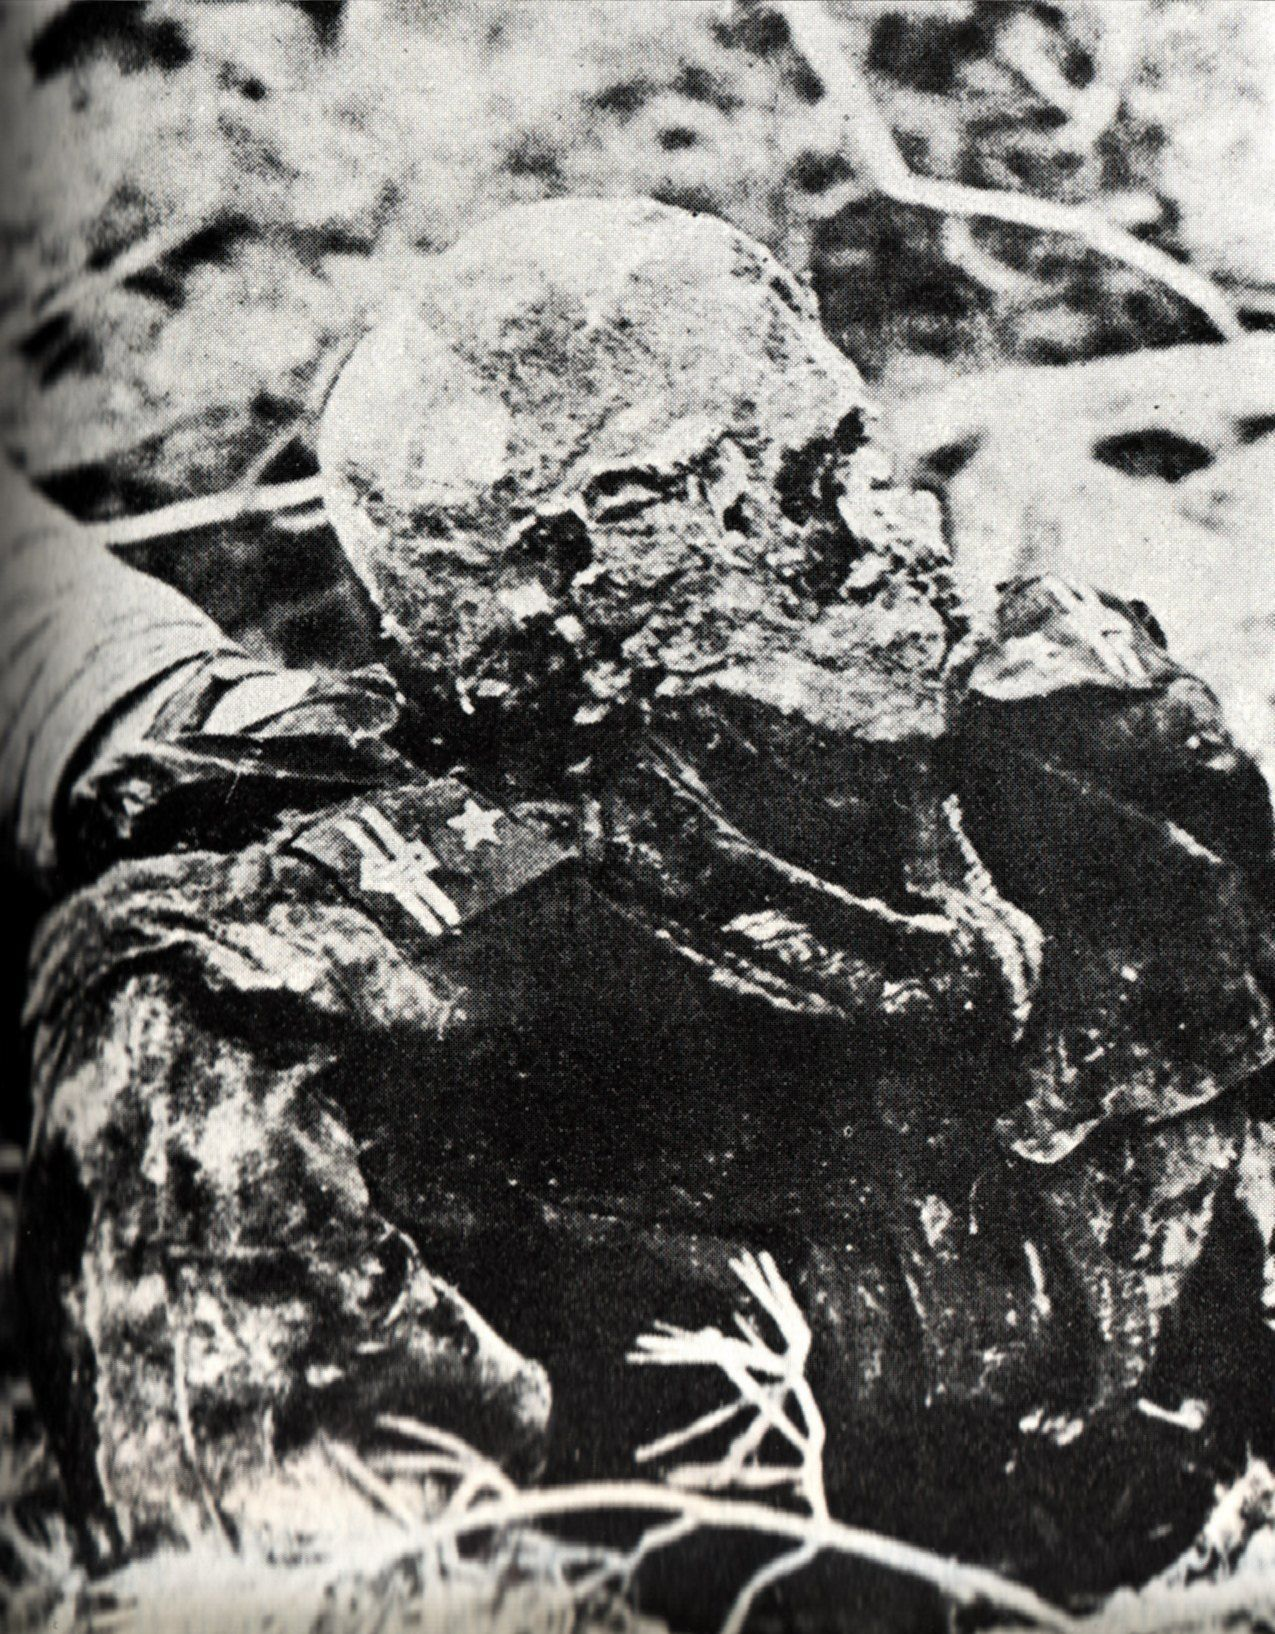 Ciało zamordowanego w Katyniu majora Adama Solskiego na zdjęciu wykonanym w czasie ekshumacji wiosną 1943 roku.